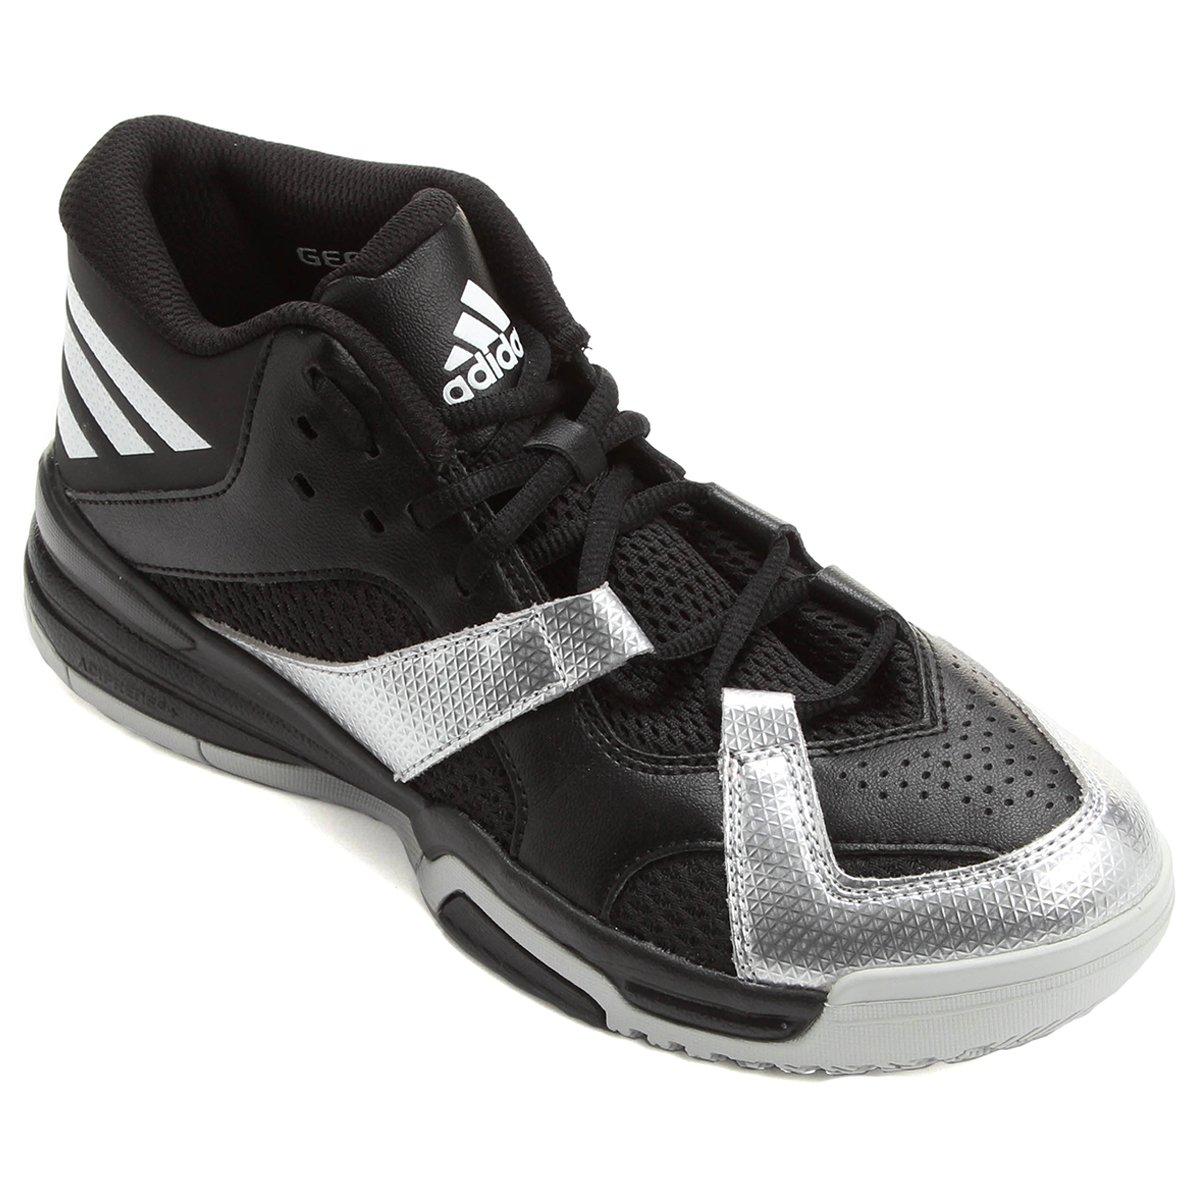 c272f062e Tênis Cano Alto Adidas Derrick Rose First Step Masculino - Compre Agora